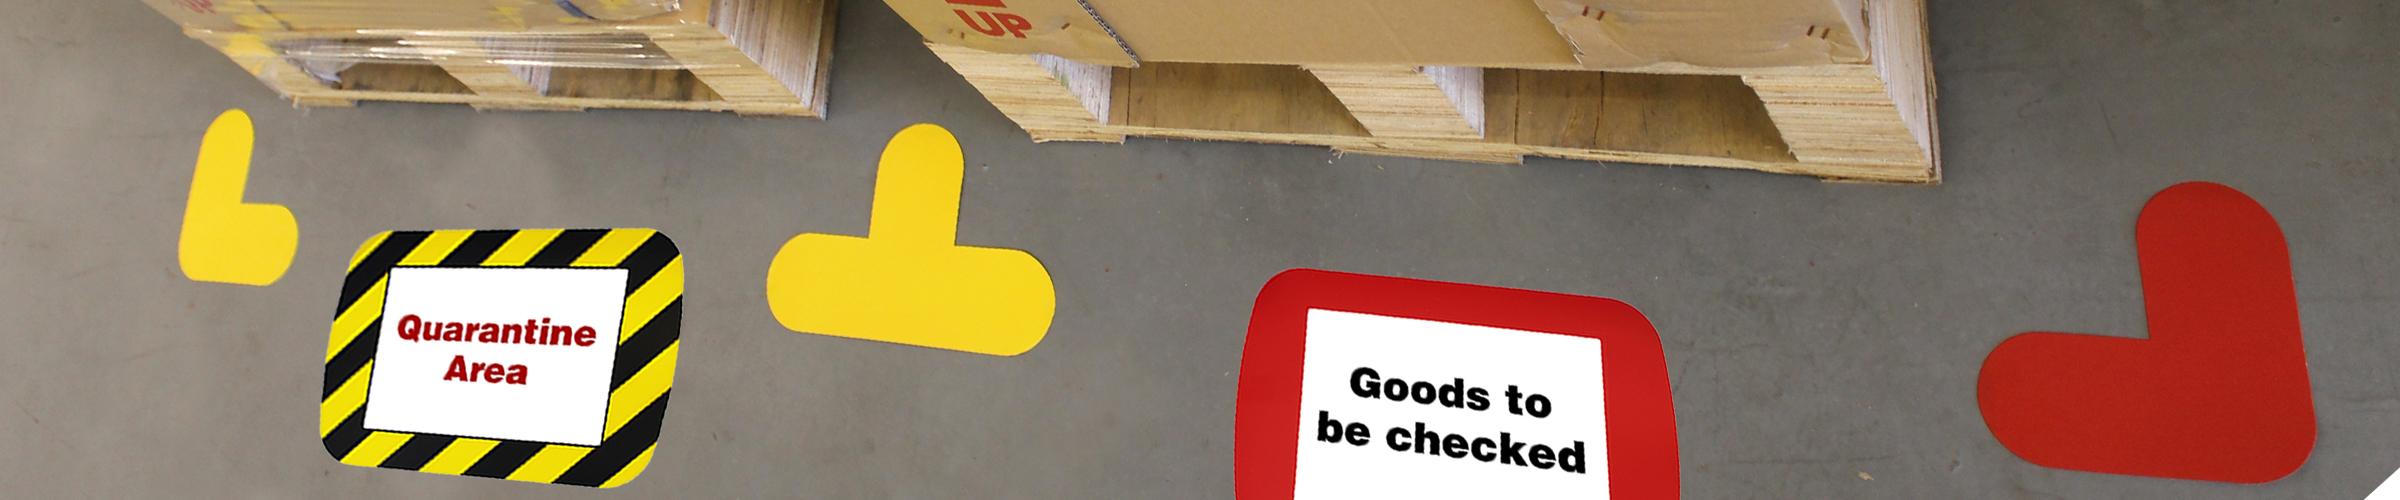 5s floor markings - clarityvisualmanagement.com